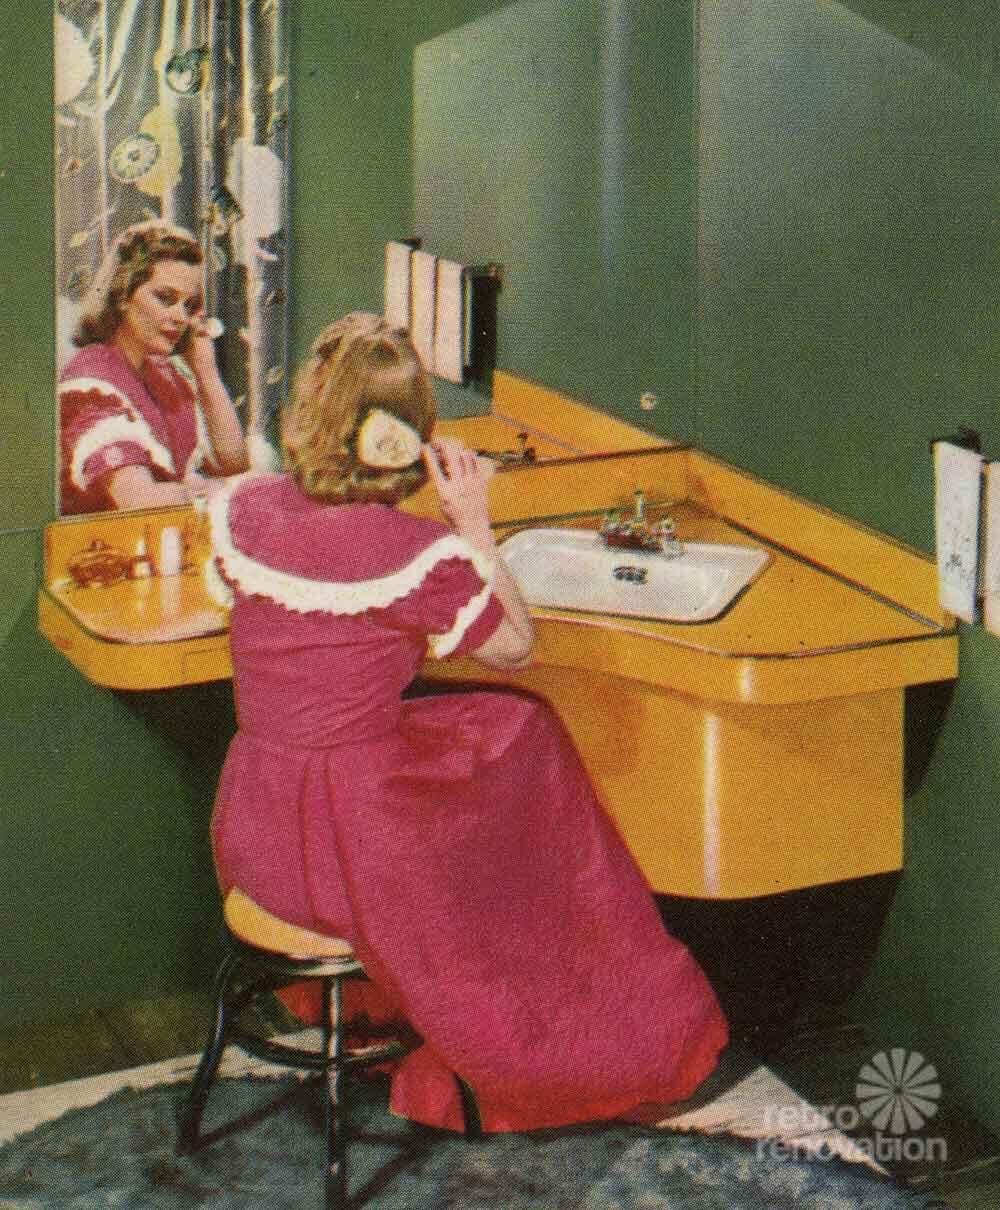 Lastest  Bathroom Ideas On Pinterest  Poodles 1950s Bathroom And Time Capsule